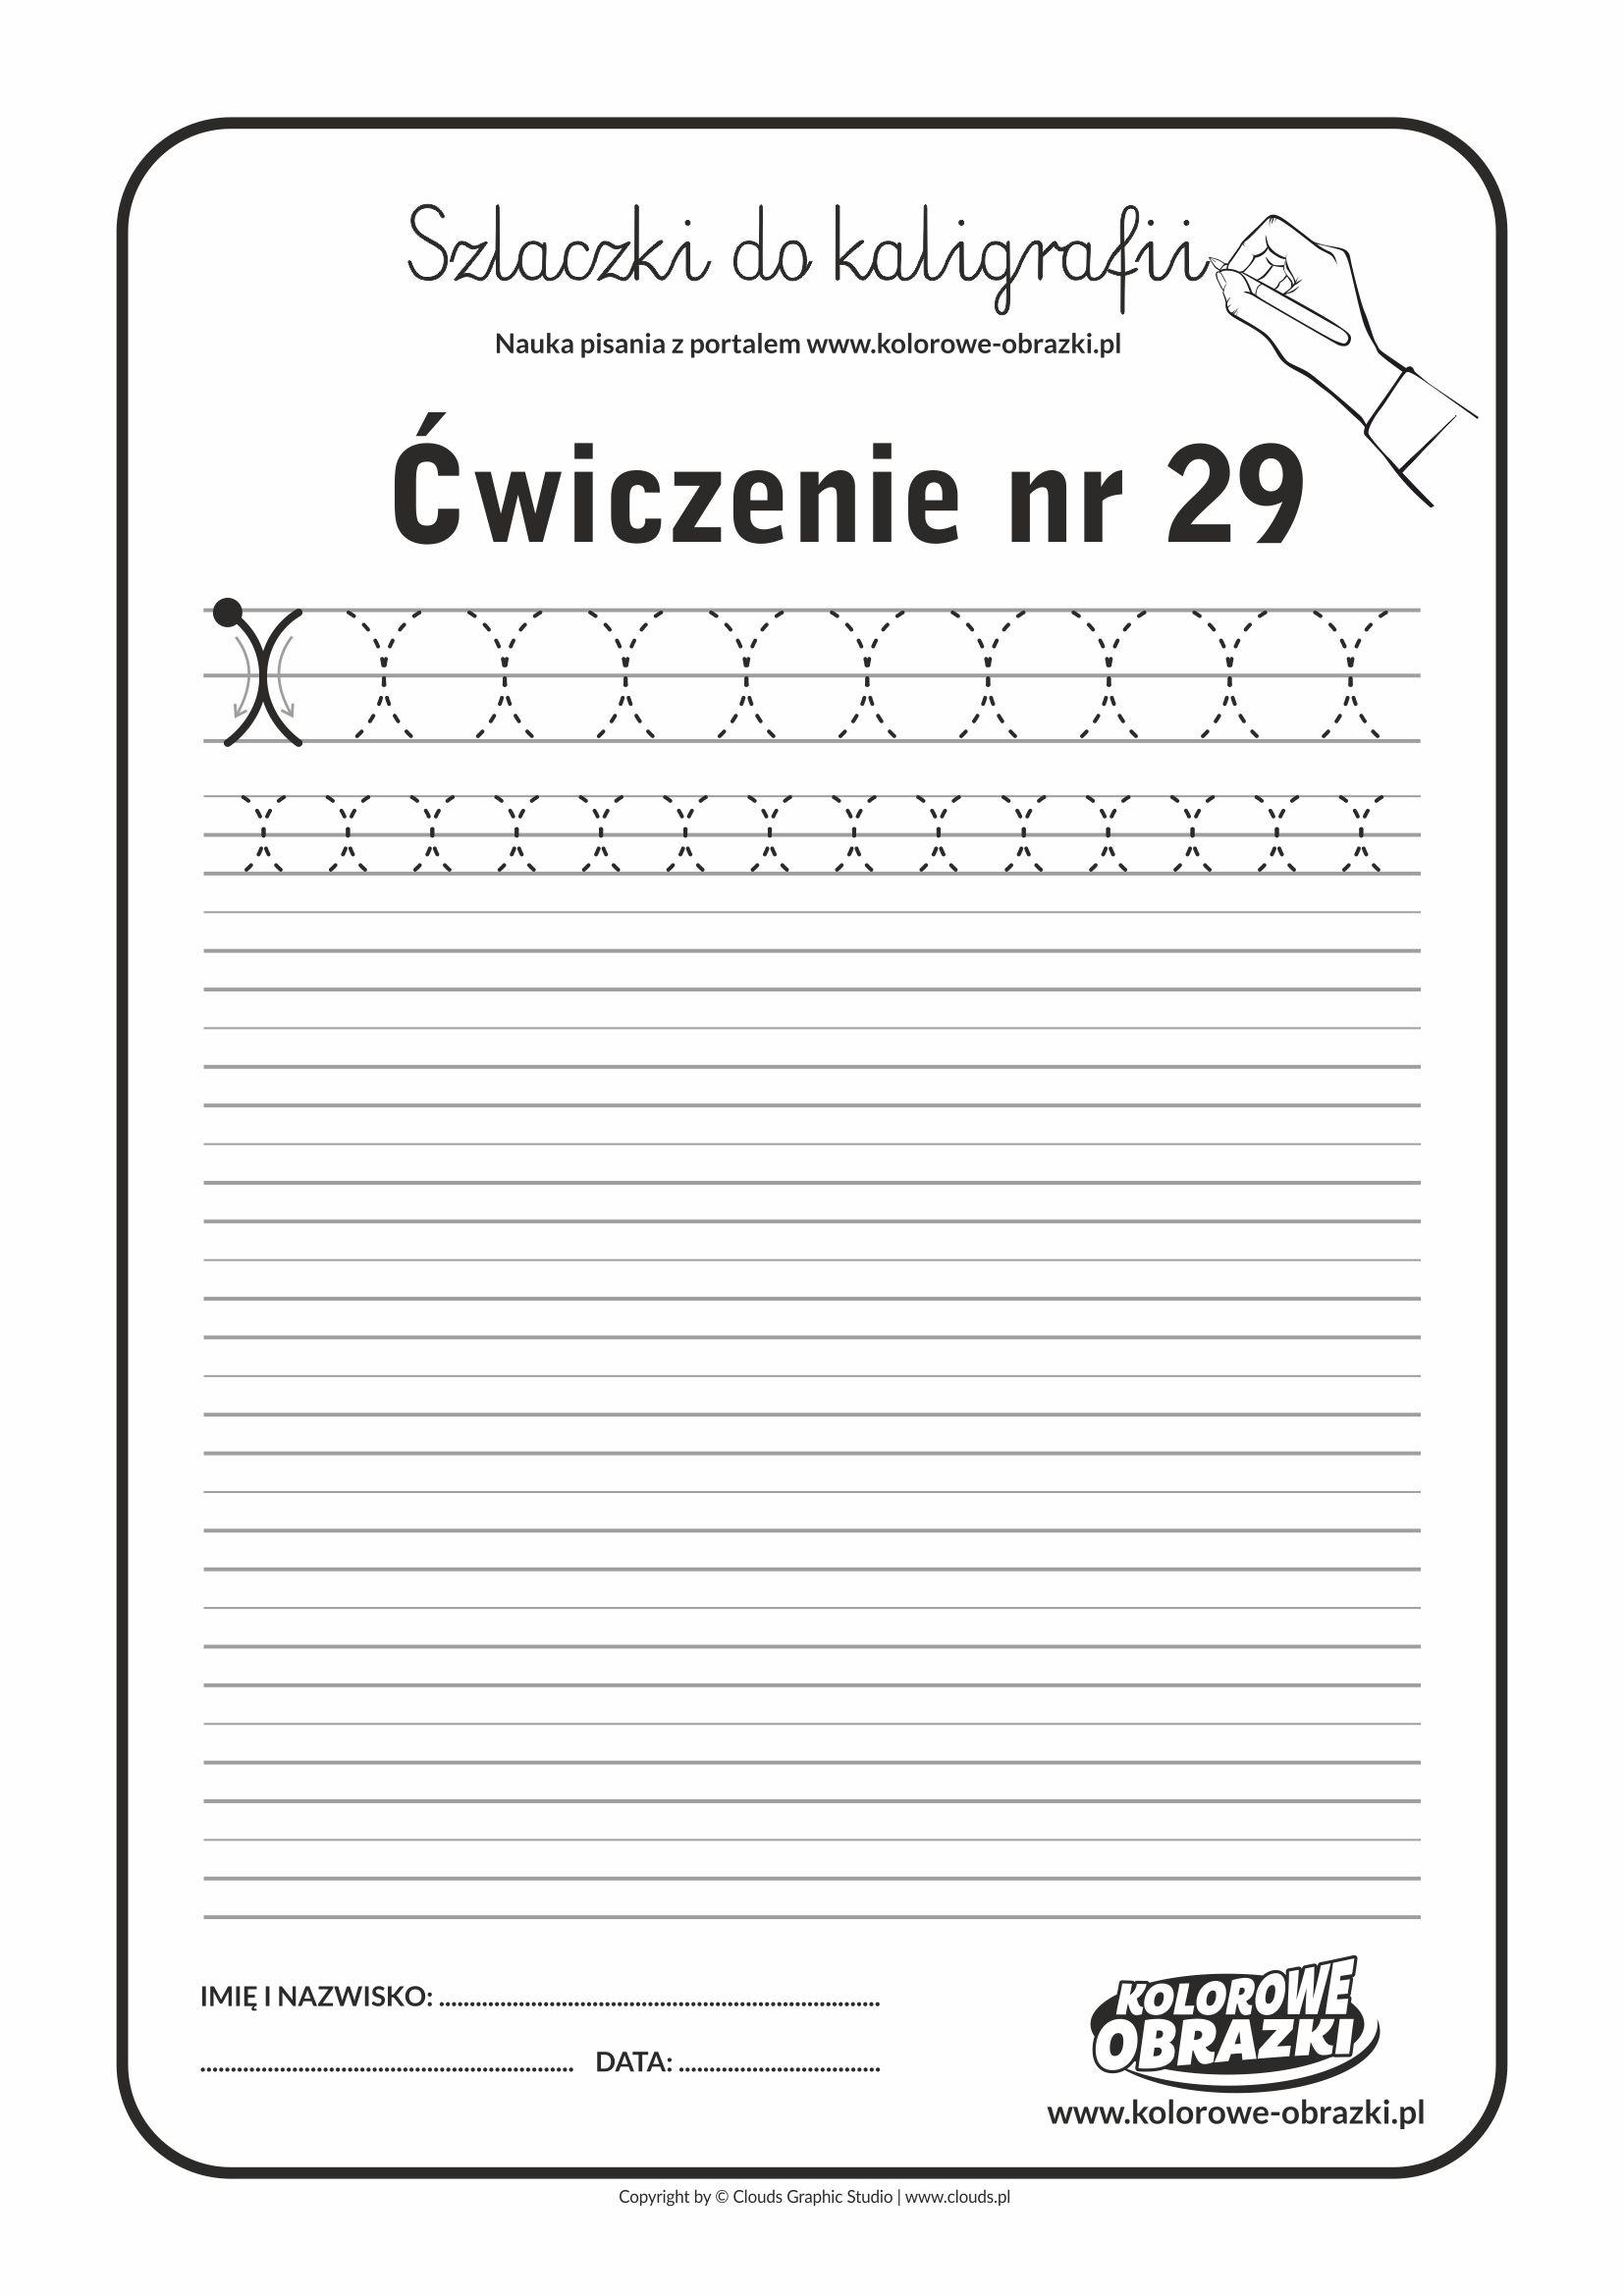 Kaligrafia dla dzieci - Ćwiczenia kaligraficzne / Szlaczki / Ćwiczenie nr 29